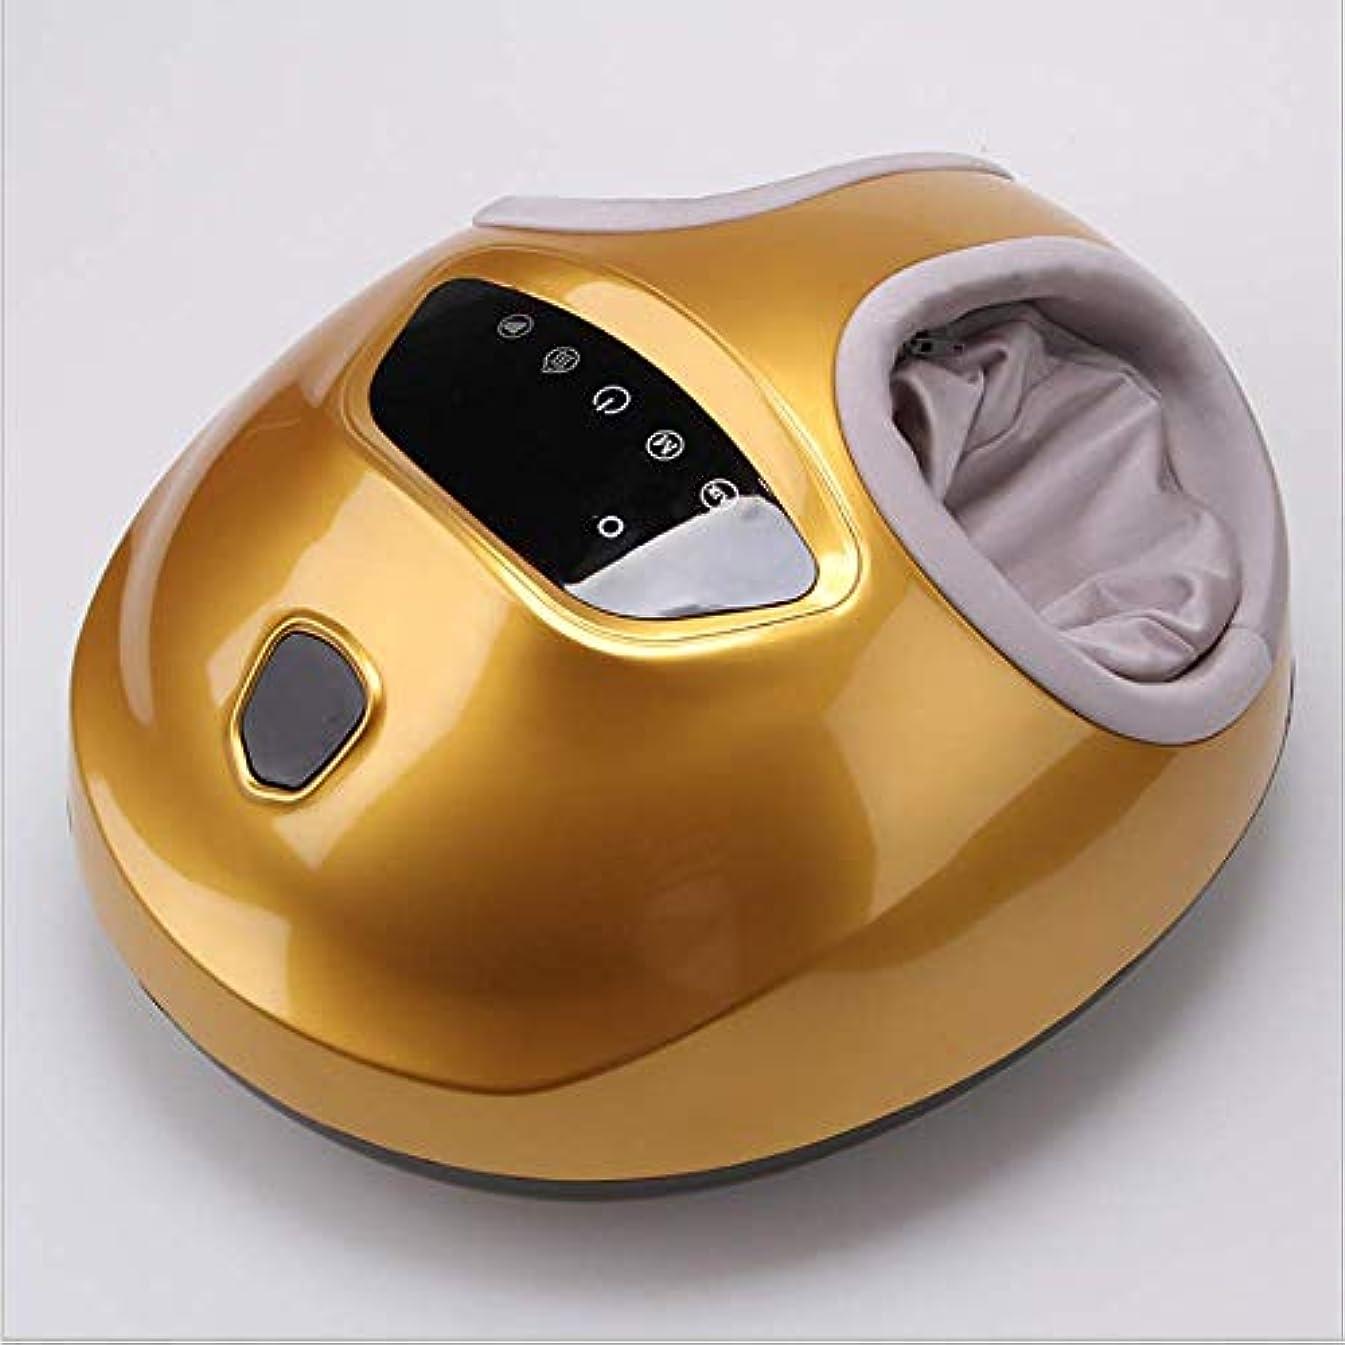 前任者著作権愛人電動足裏マッサージ器は、足底筋膜炎と足の疲れの痛みを和らげるために、なだめるような赤外線加熱と空気圧縮を備えた深く深い混練足マッサージを指します